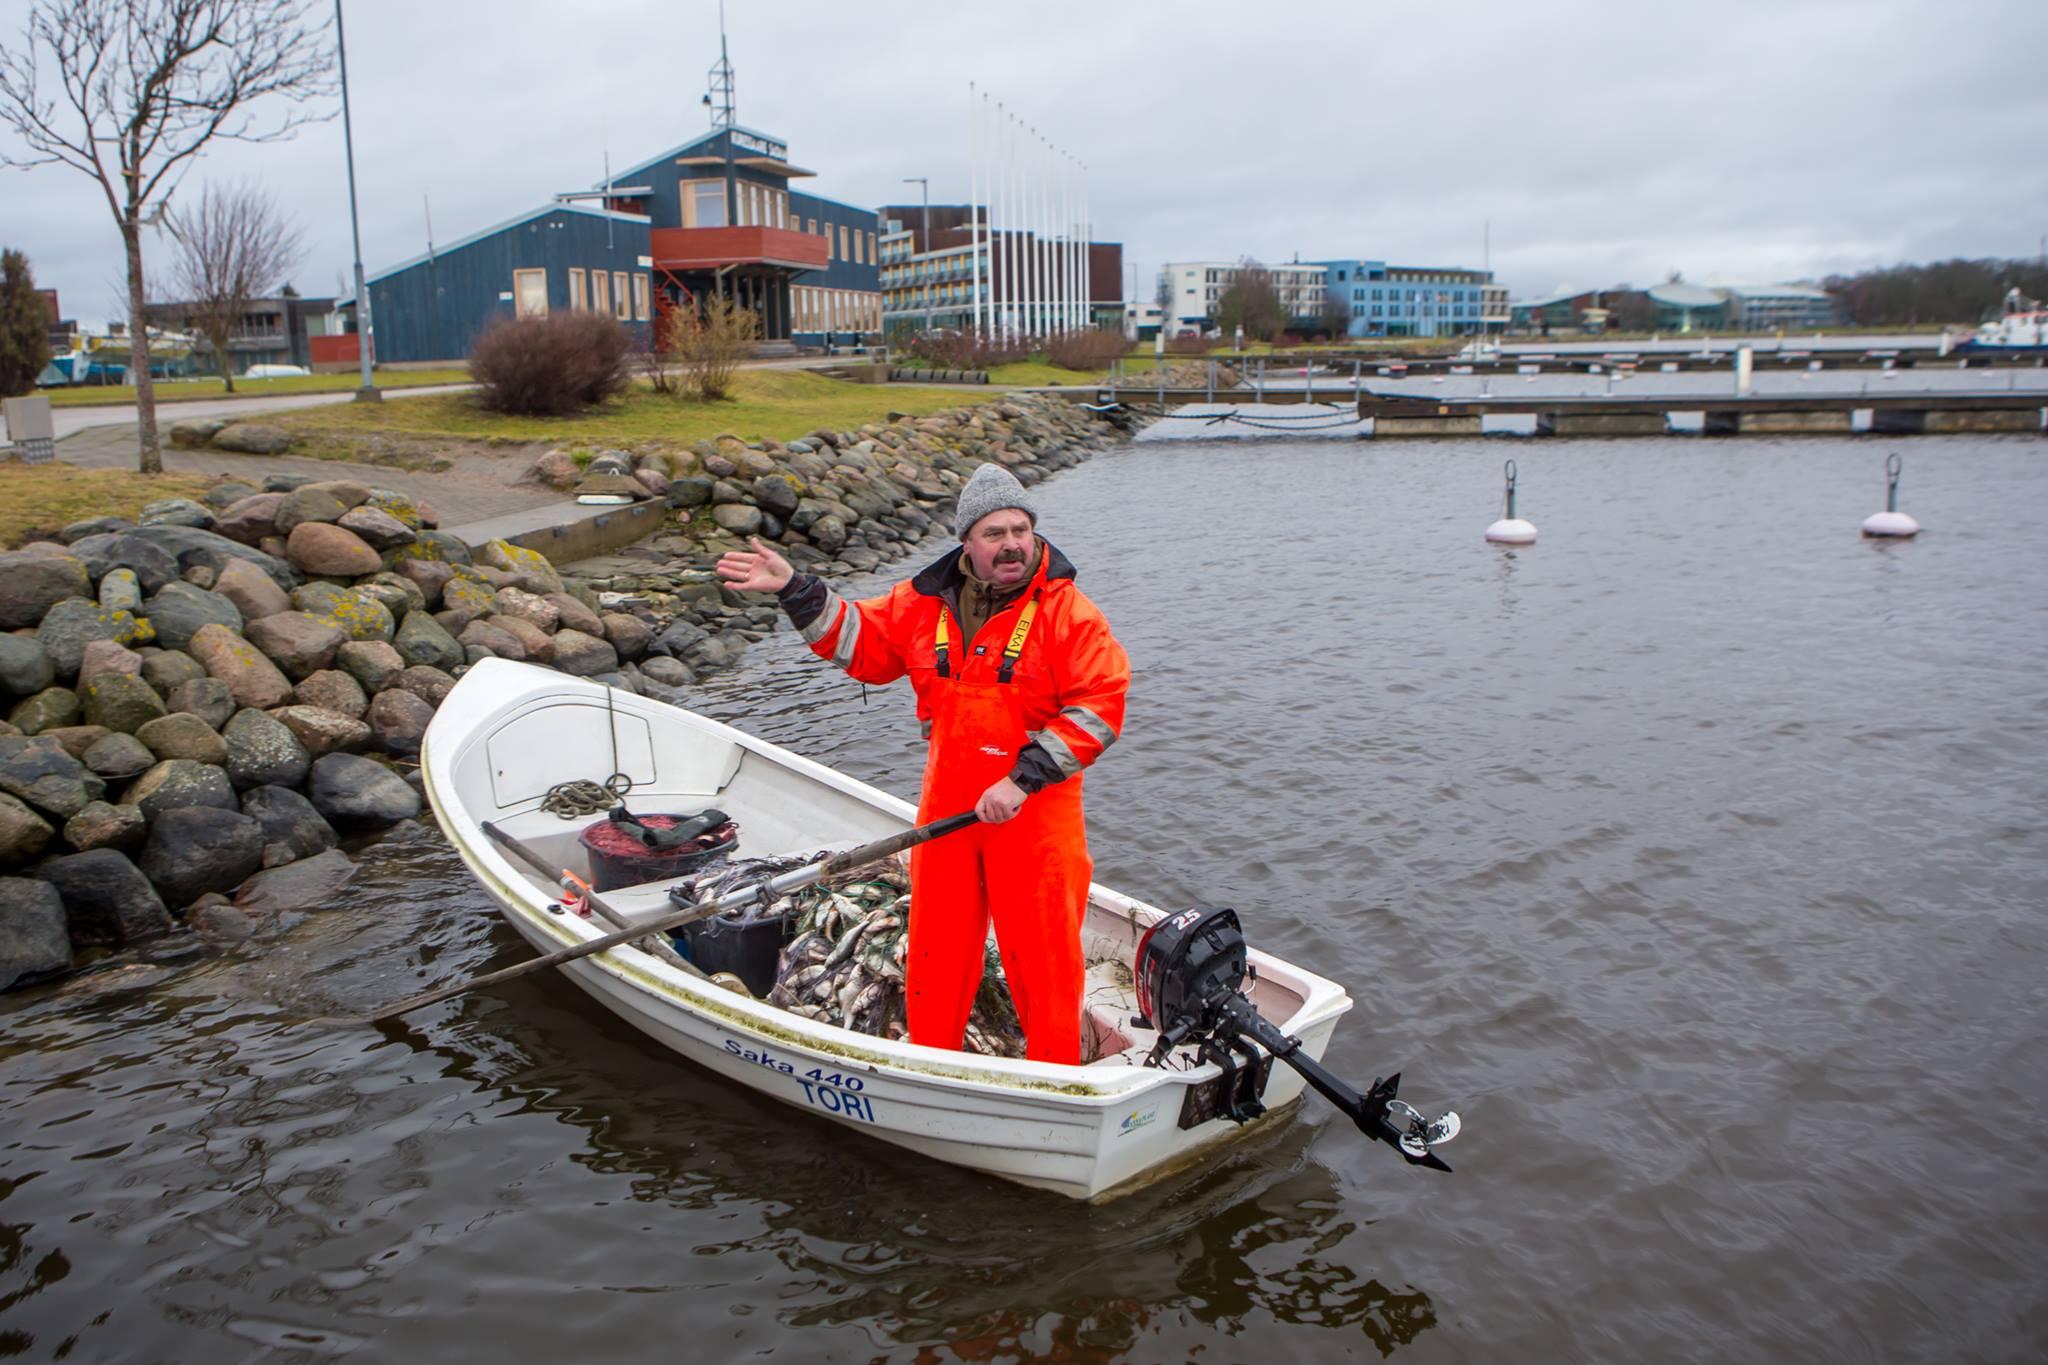 Pühapäeva hommikul toodi Kuressaare jahisadamas merest välja uppunu. Politsei andmeil oli tegemist 1964. aastal sündinud mehega, kes pärit Läänemaalt. Mees oli Koluverehooldekodu elanik. Uppunu leidis sadama tagumises nurgas oma võrke […]